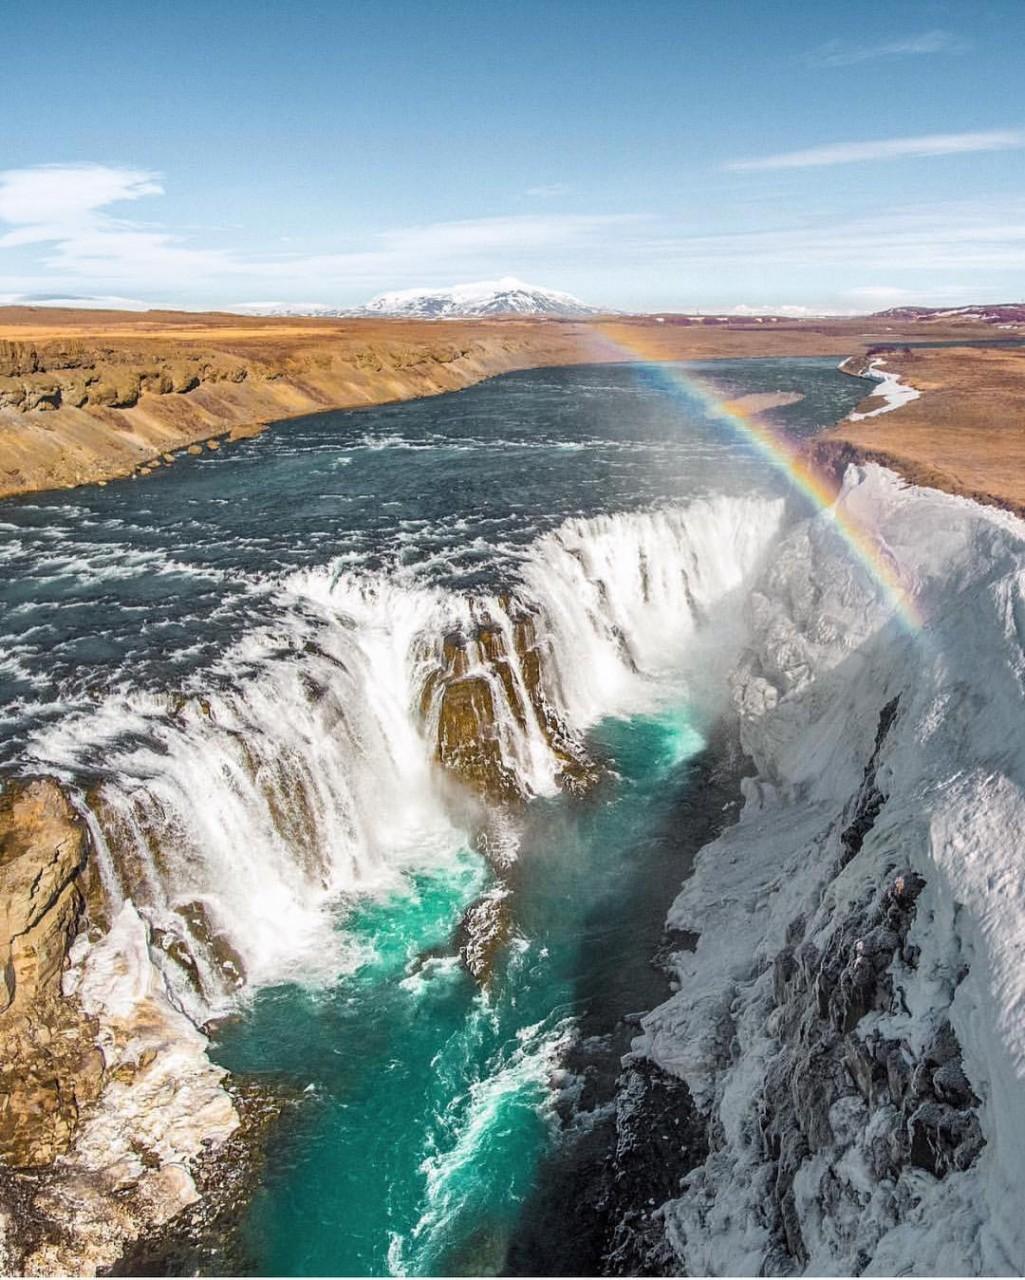 Прекрасная и удивительная природа в объективе профессионального фотографа